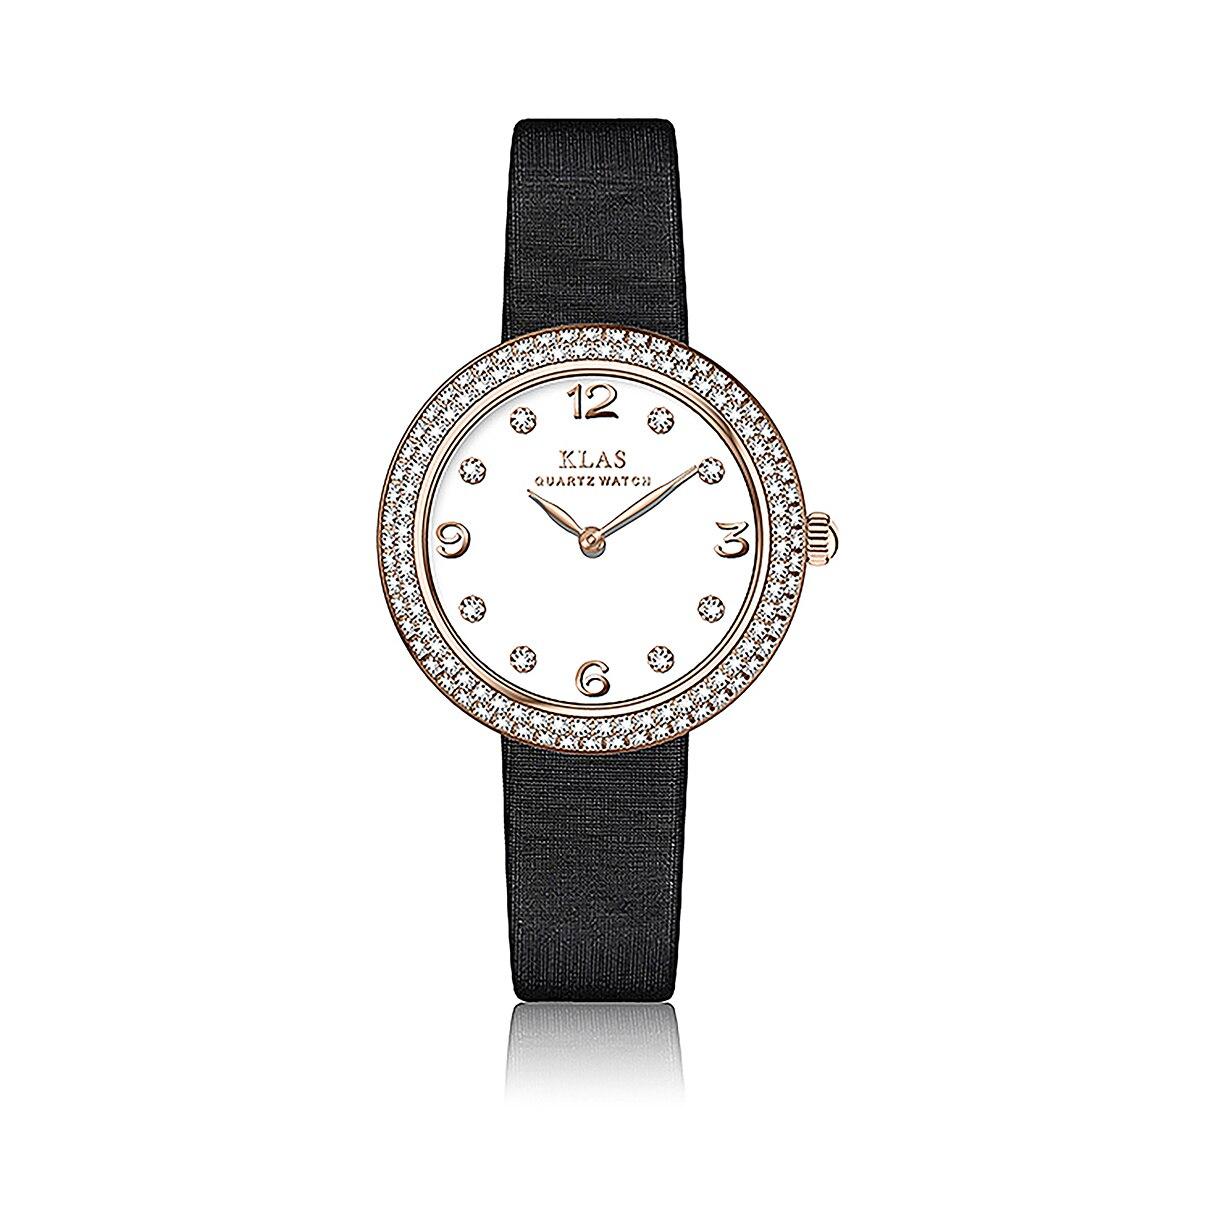 الفولاذ المقاوم للصدأ Disial رائعة فاخرة الأعمال ساعة معصم إعادة إطلاق هدايا نسائية KLAS العلامة التجارية